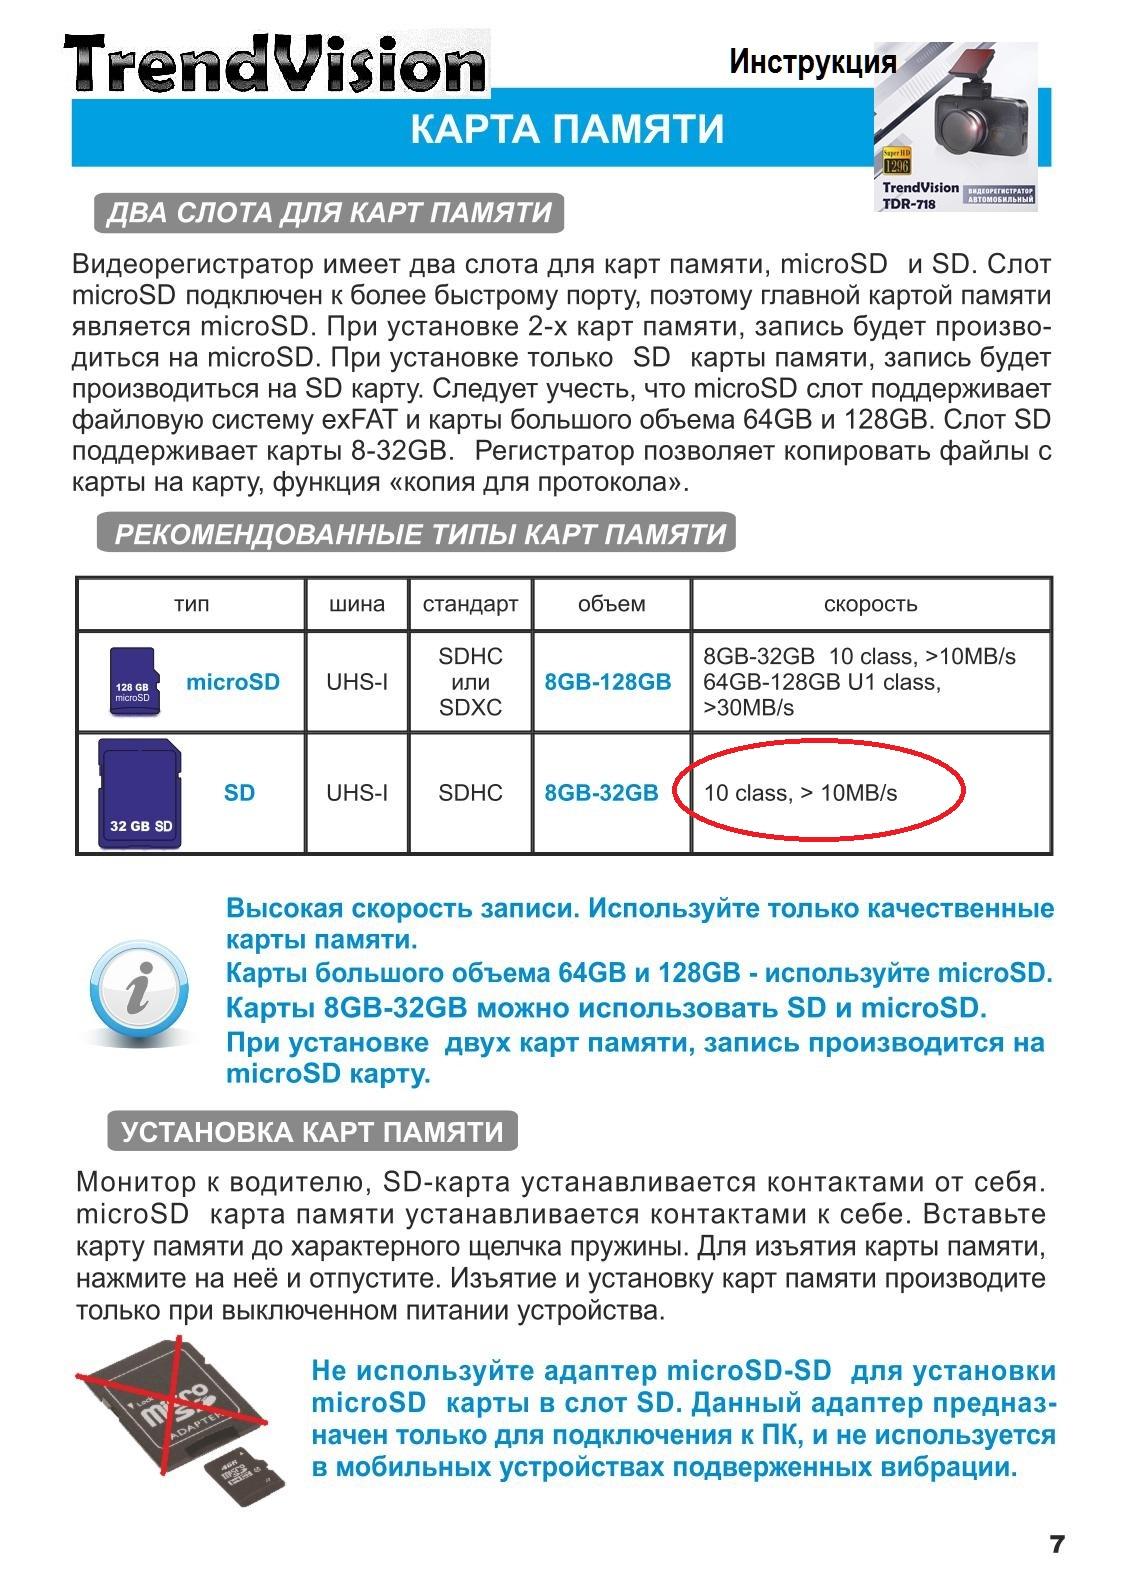 Рекомендации по картам памяти стр.7 TDR-718.jpg